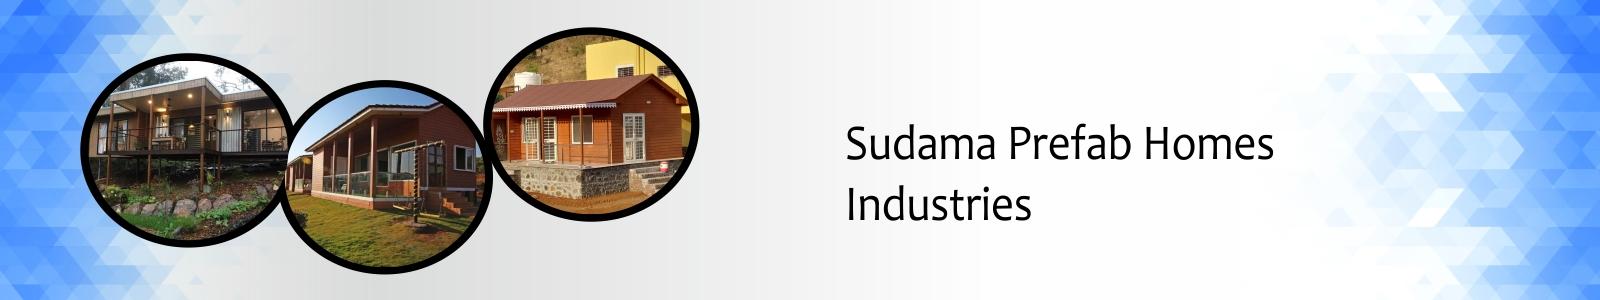 SUDAMA PREFAB HOMES INDUSTRIES